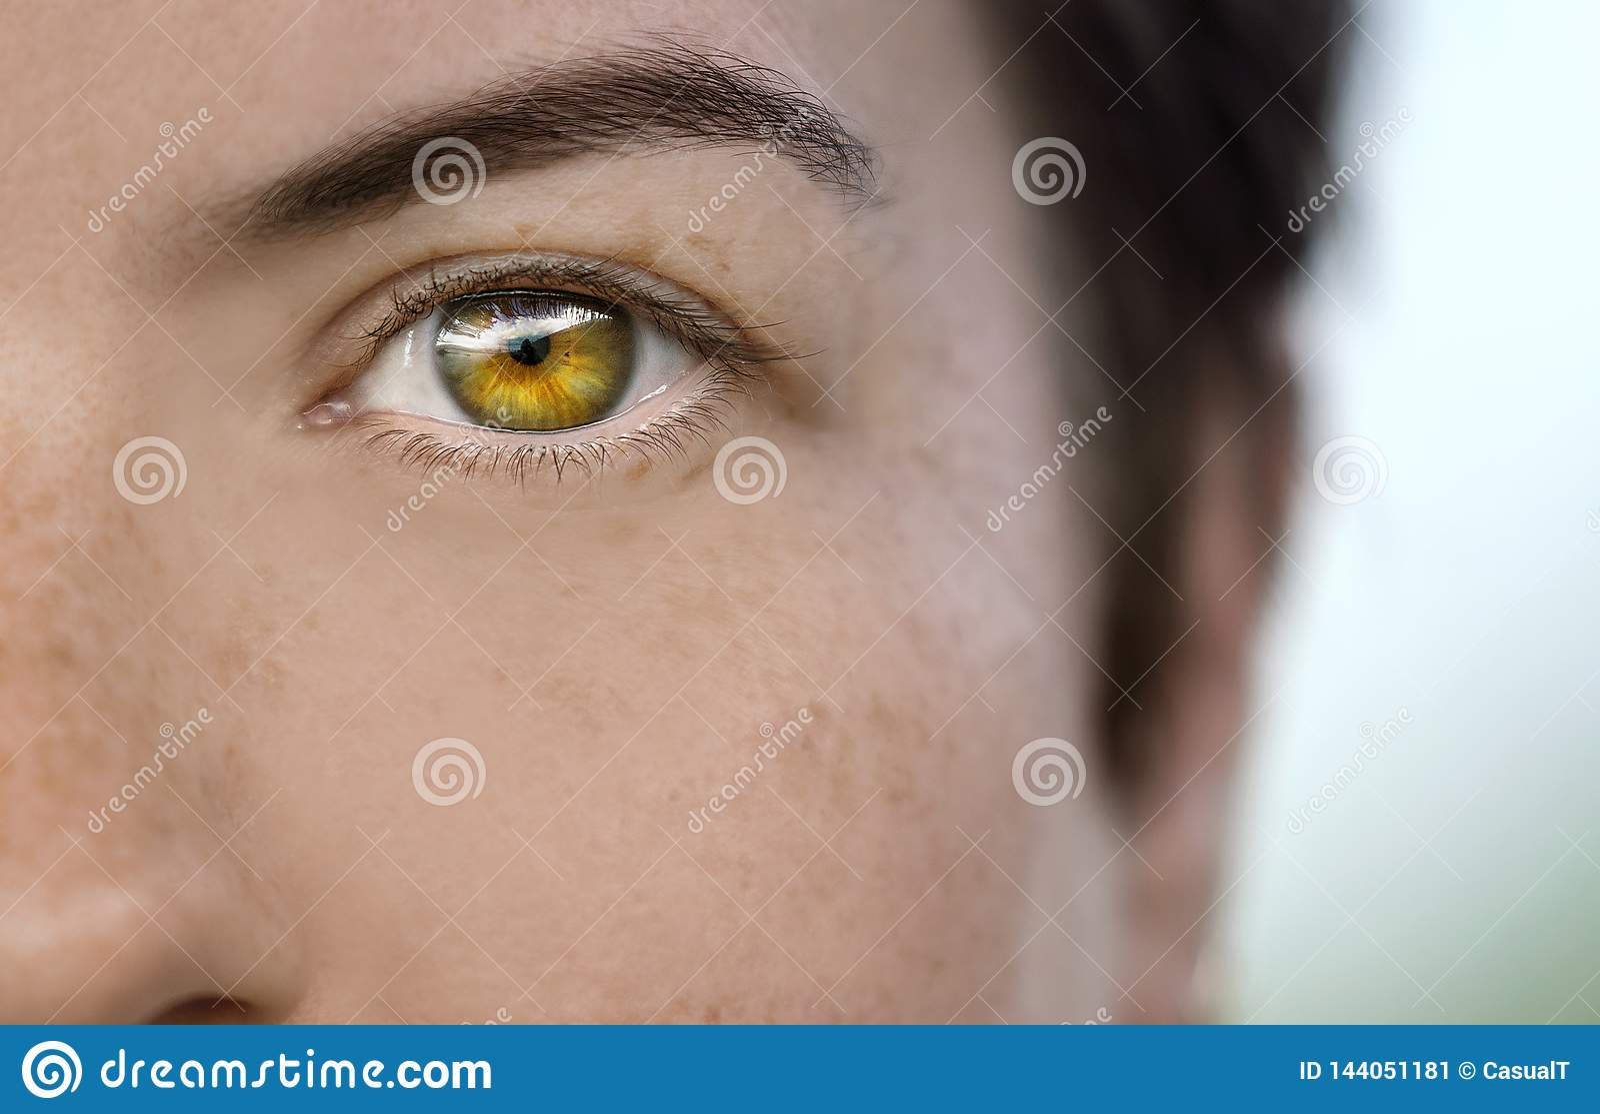 Plan rapproché de l oeil d un modèle femelle montrant de légères taches de rousseur sur sa peau